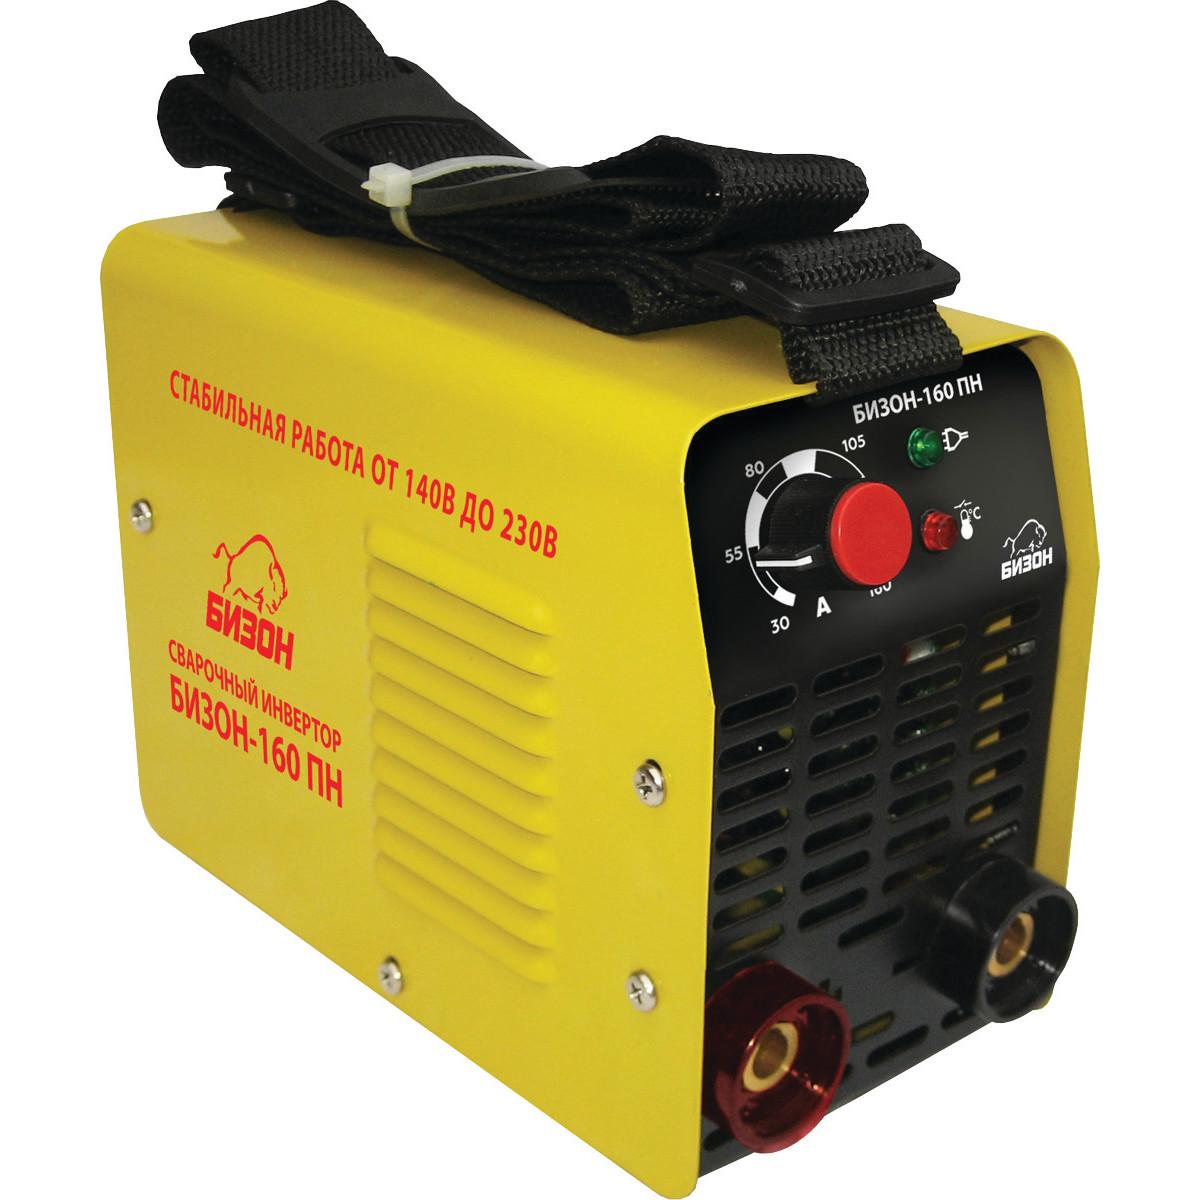 Дуговой Сварочный Инвертор Бизон Бизон-160Пн Бизон-160Пн+Набор/Oz